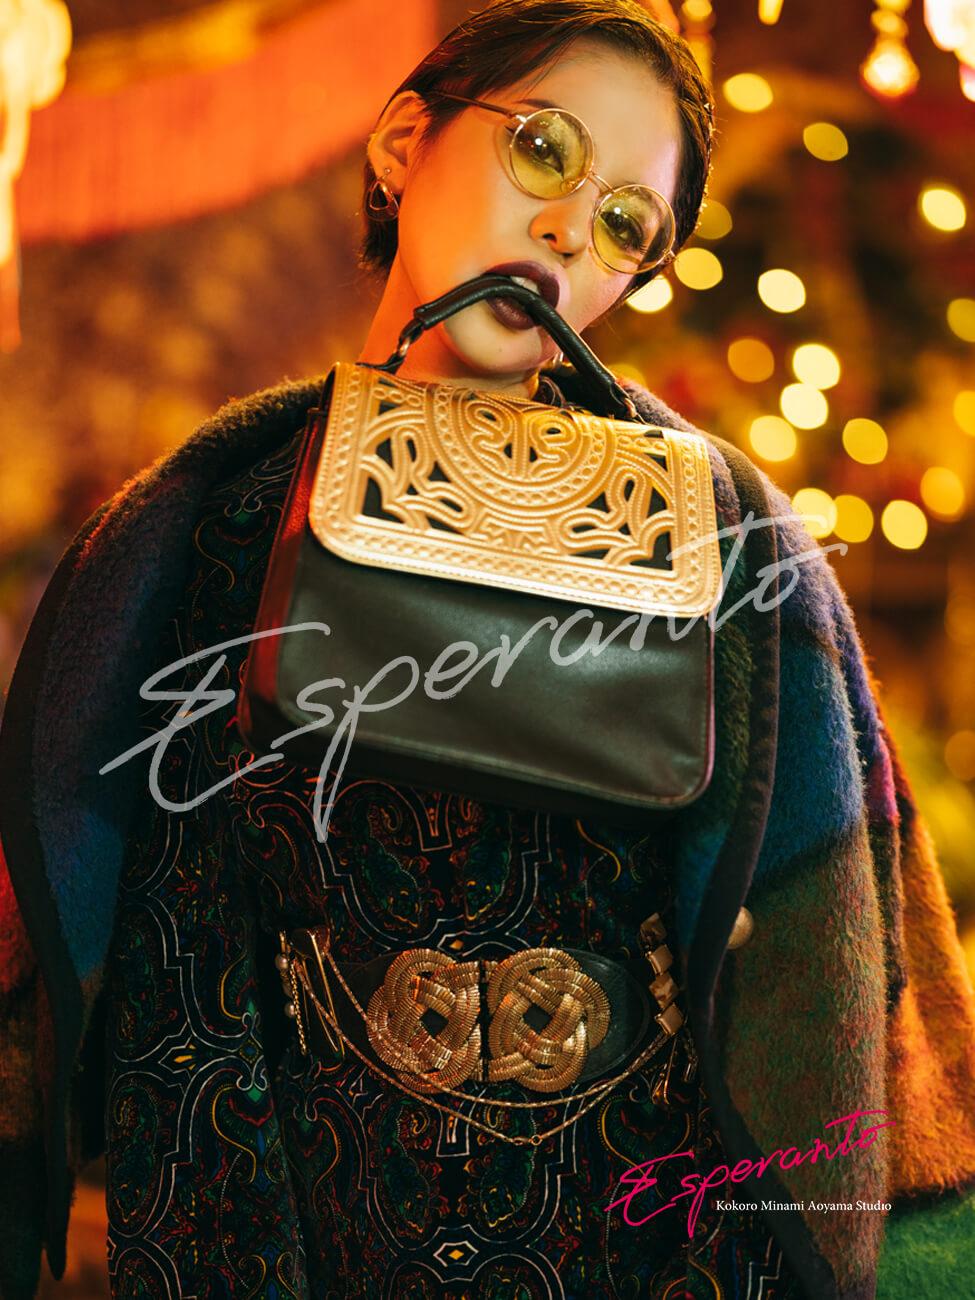 ファッションポートレート撮影 東京